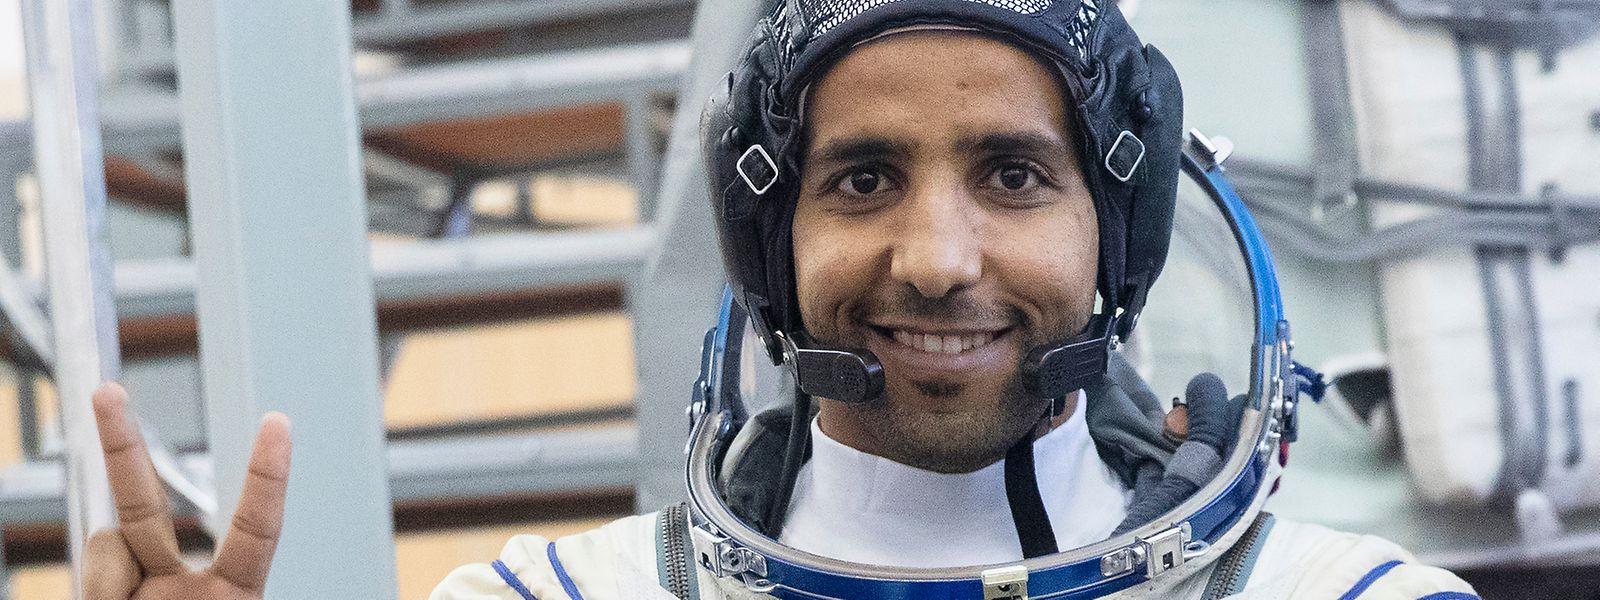 Hassa al-Mansuri, Astronaut der Vereinigten Arabischen Emirate.